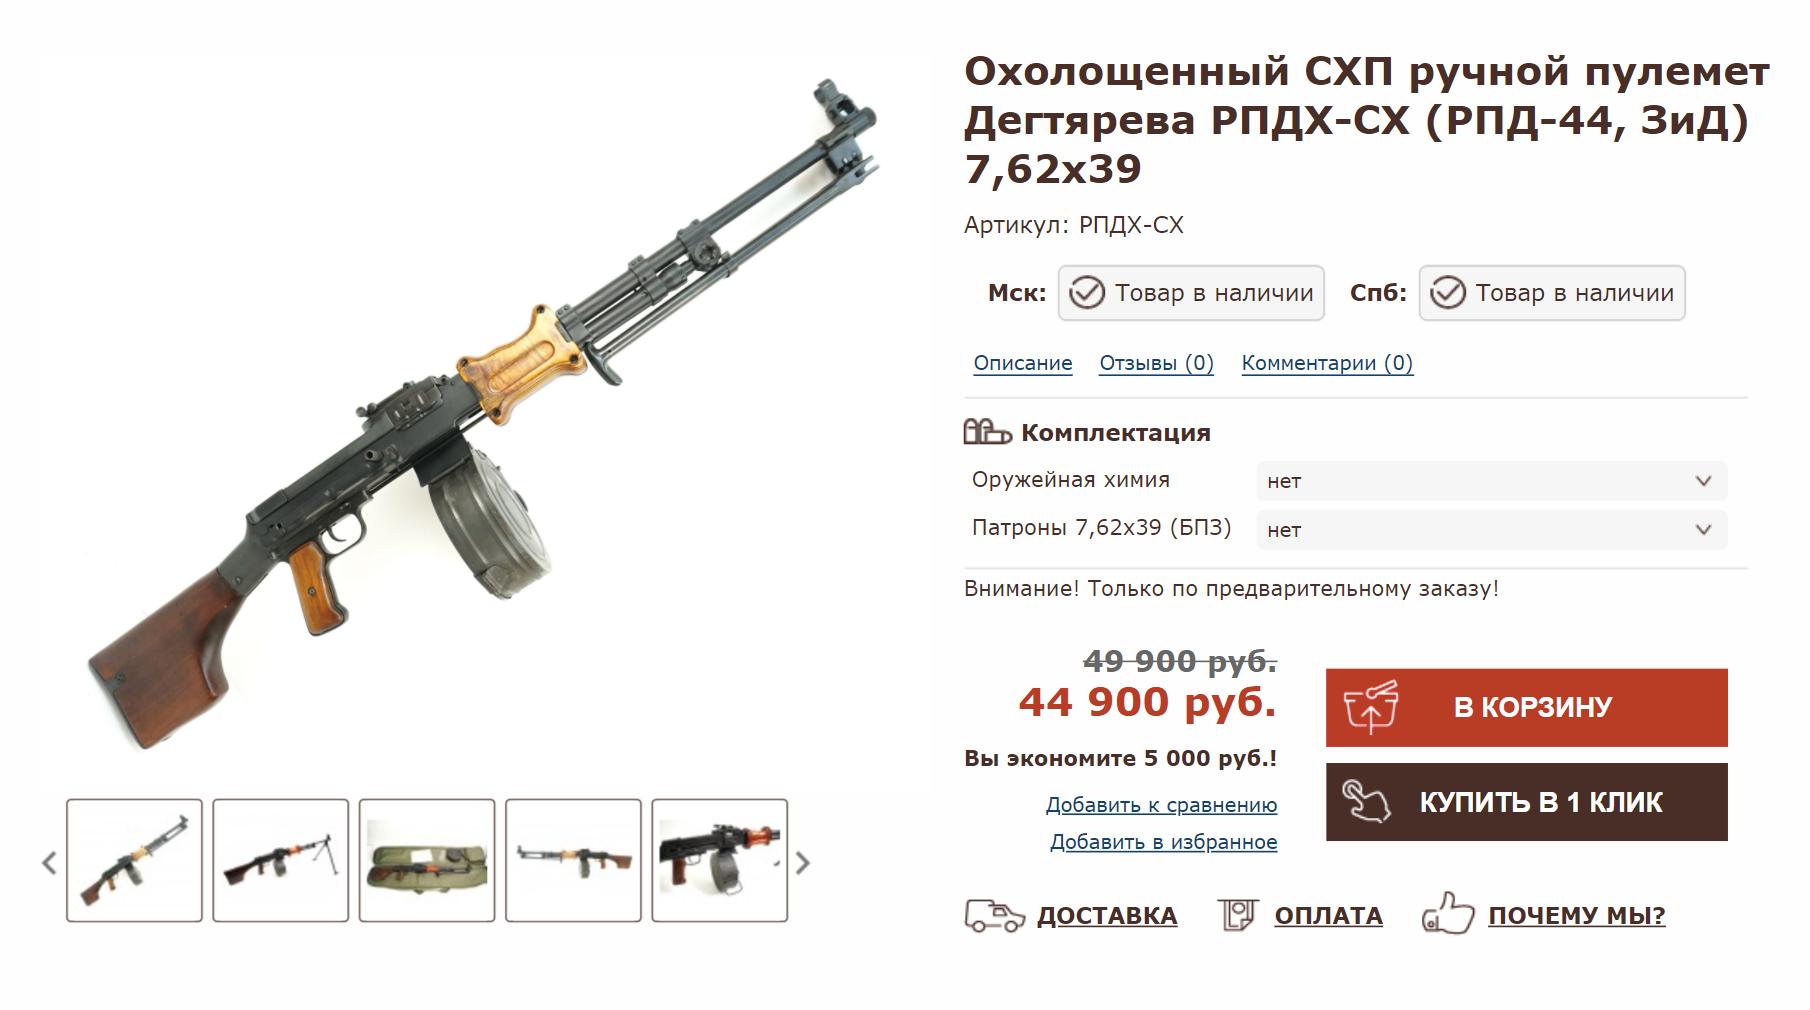 Охолощенный пулемет Дегтярева стоит 41 900&nbsp;<span class=ruble>Р</span>